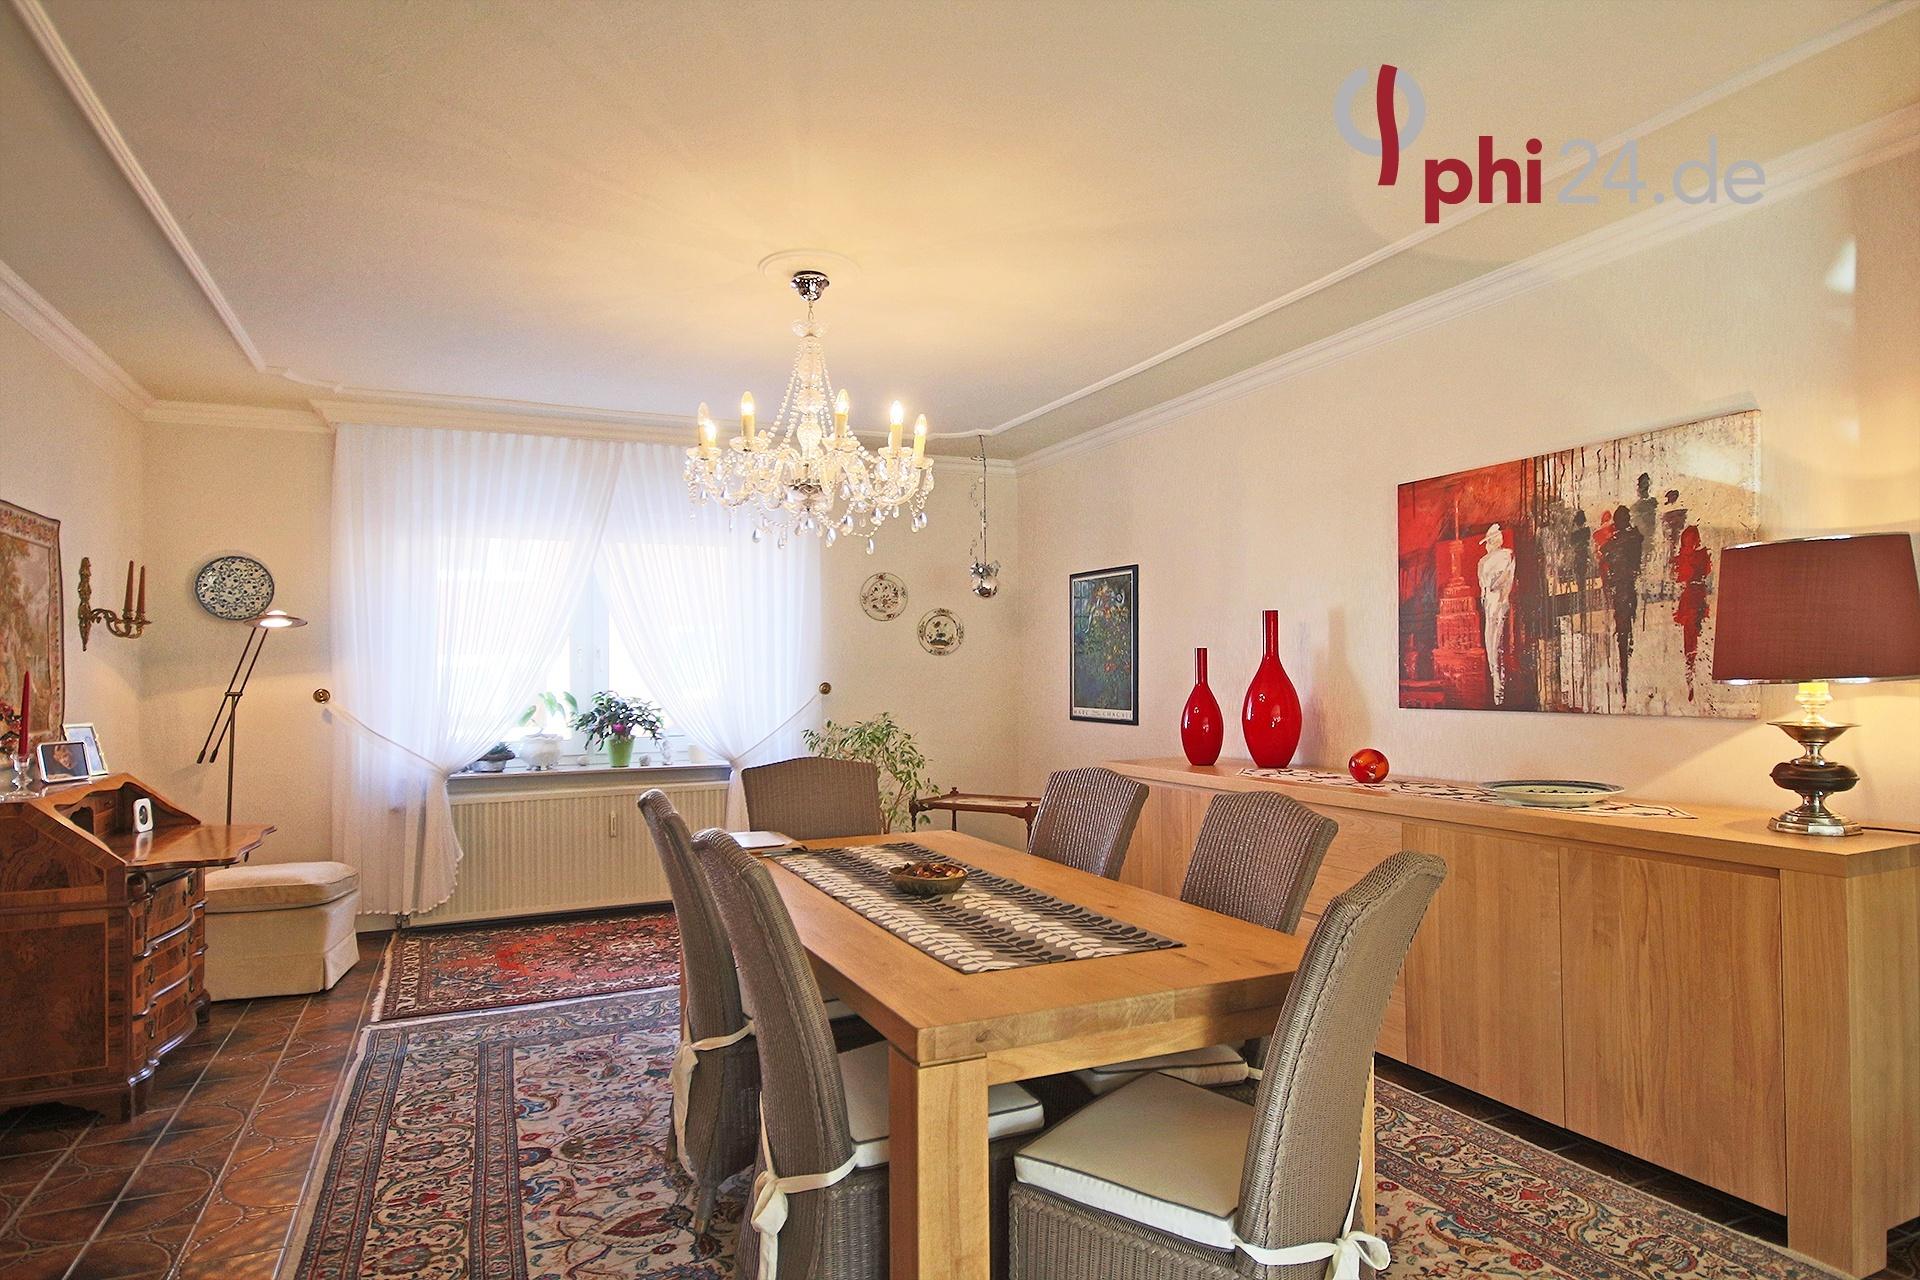 Immobilienmakler Übach-Palenberg Einfamilienhaus referenzen mit Immobilienbewertung